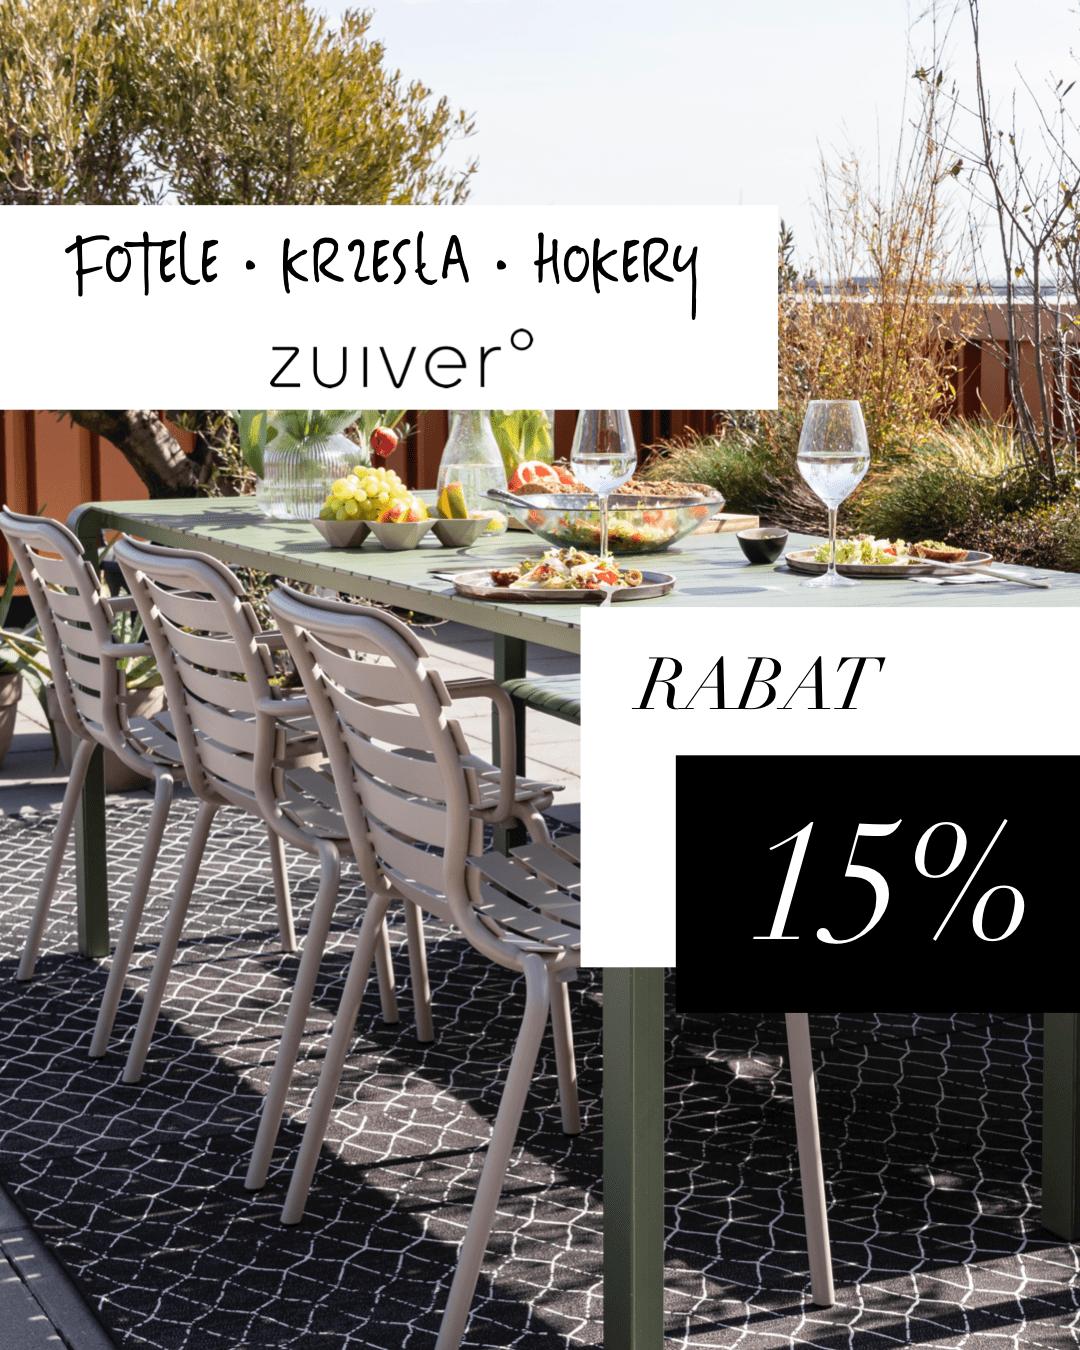 Fotele, krzesła, hokery   firmy Zuiver - rabat 15 %